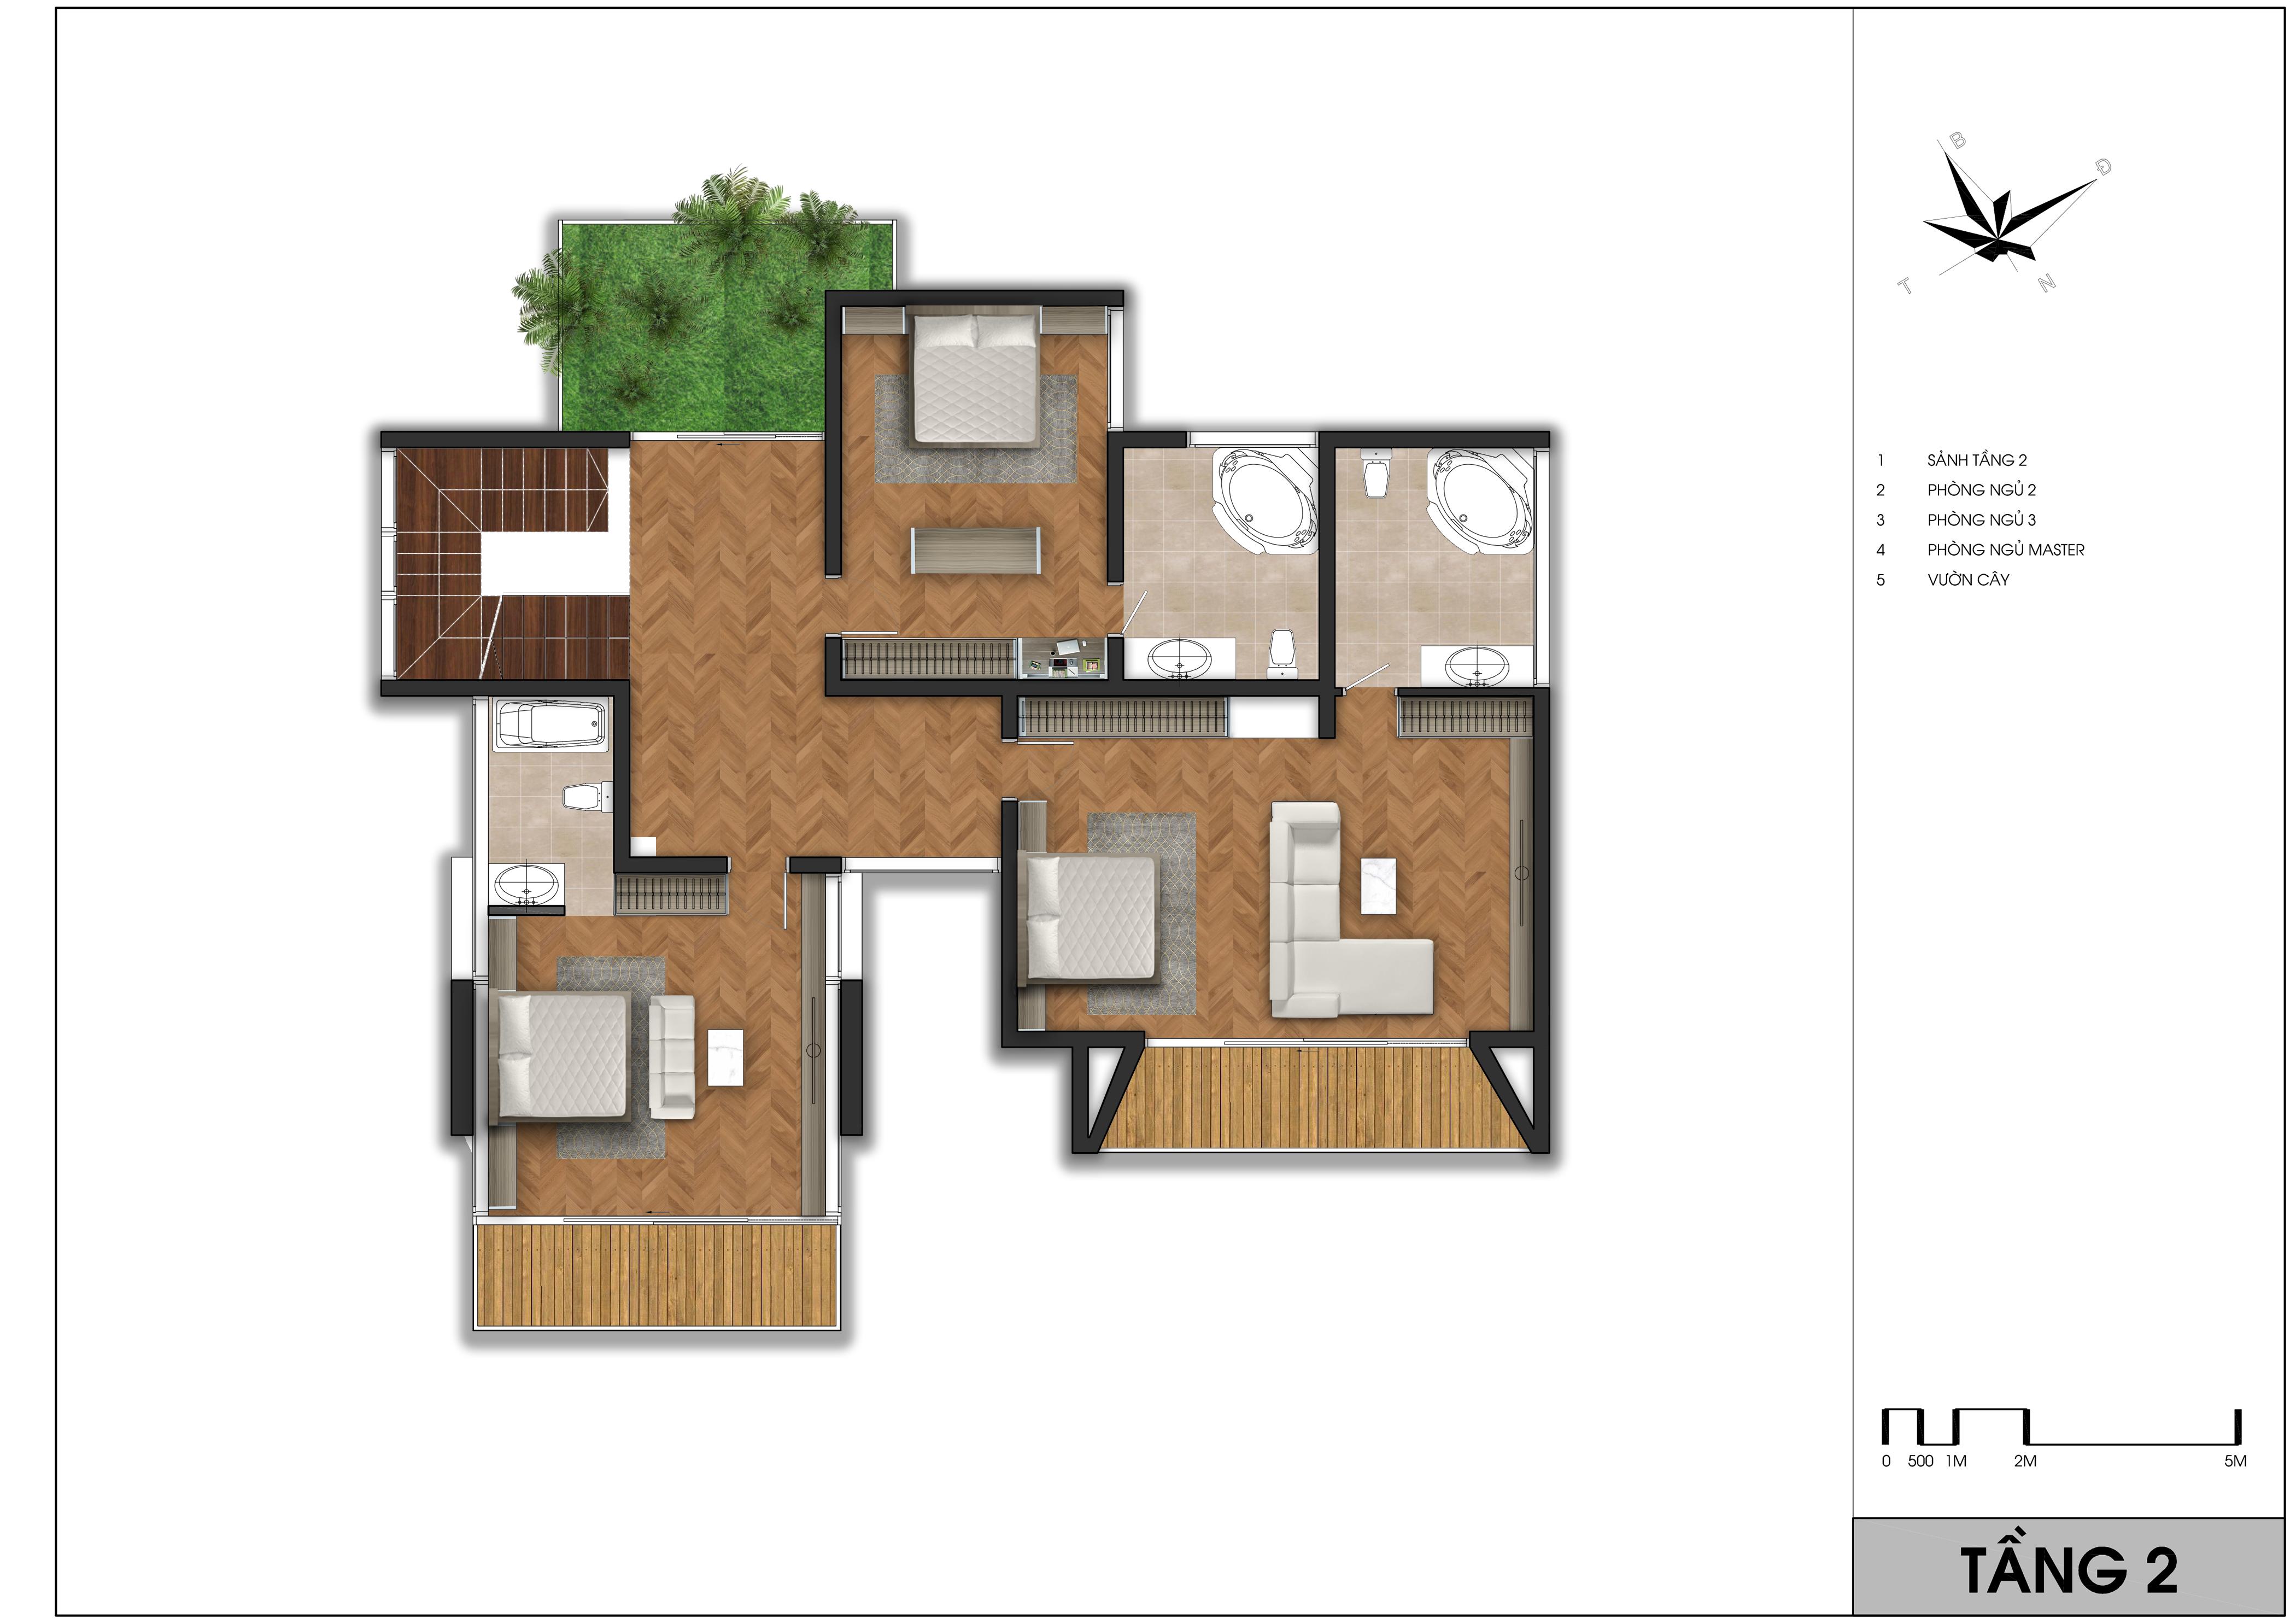 thiết kế Biệt Thự 3 tầng tại Vĩnh Phúc TX- Villas 4 1562065357